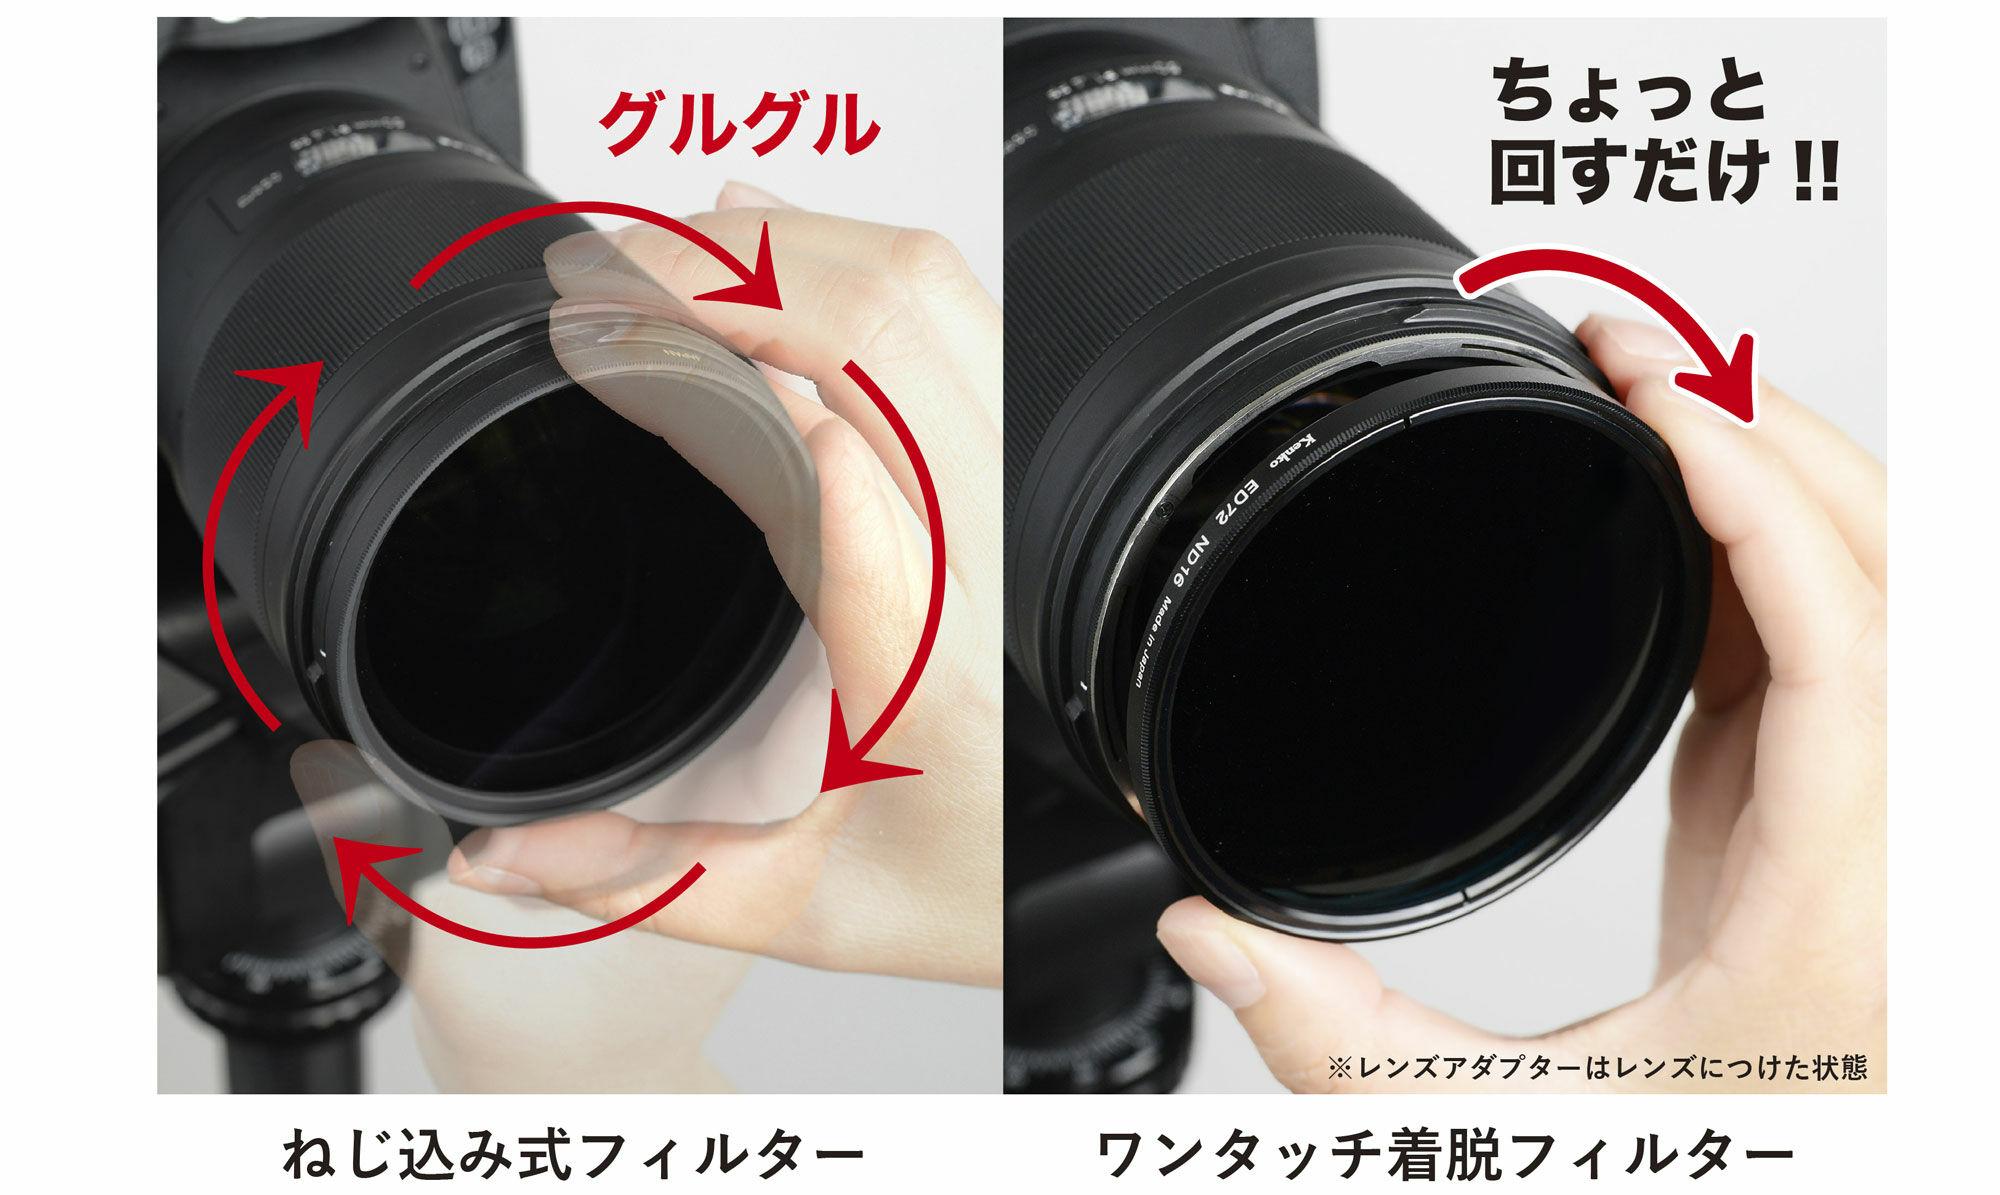 https://www.kenko-tokina.co.jp/imaging/filter/mt-images/onetouchfilter_kit_bayonet.jpg